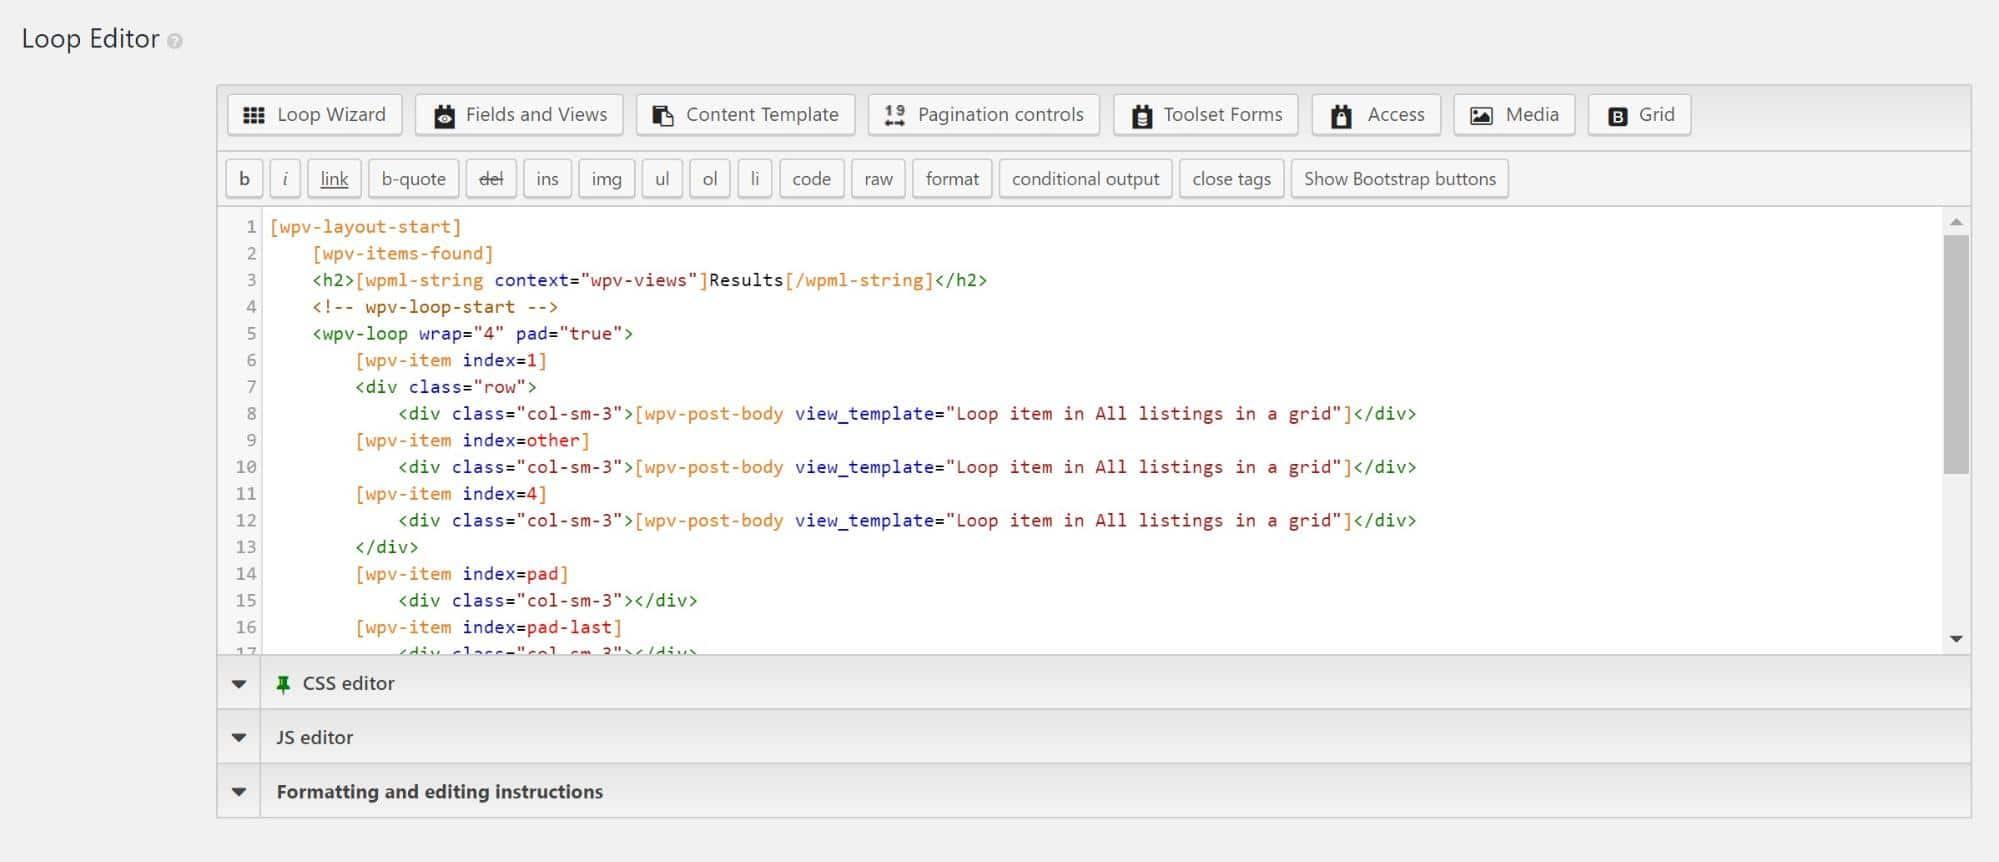 Como o Loop Editor fica com os campos